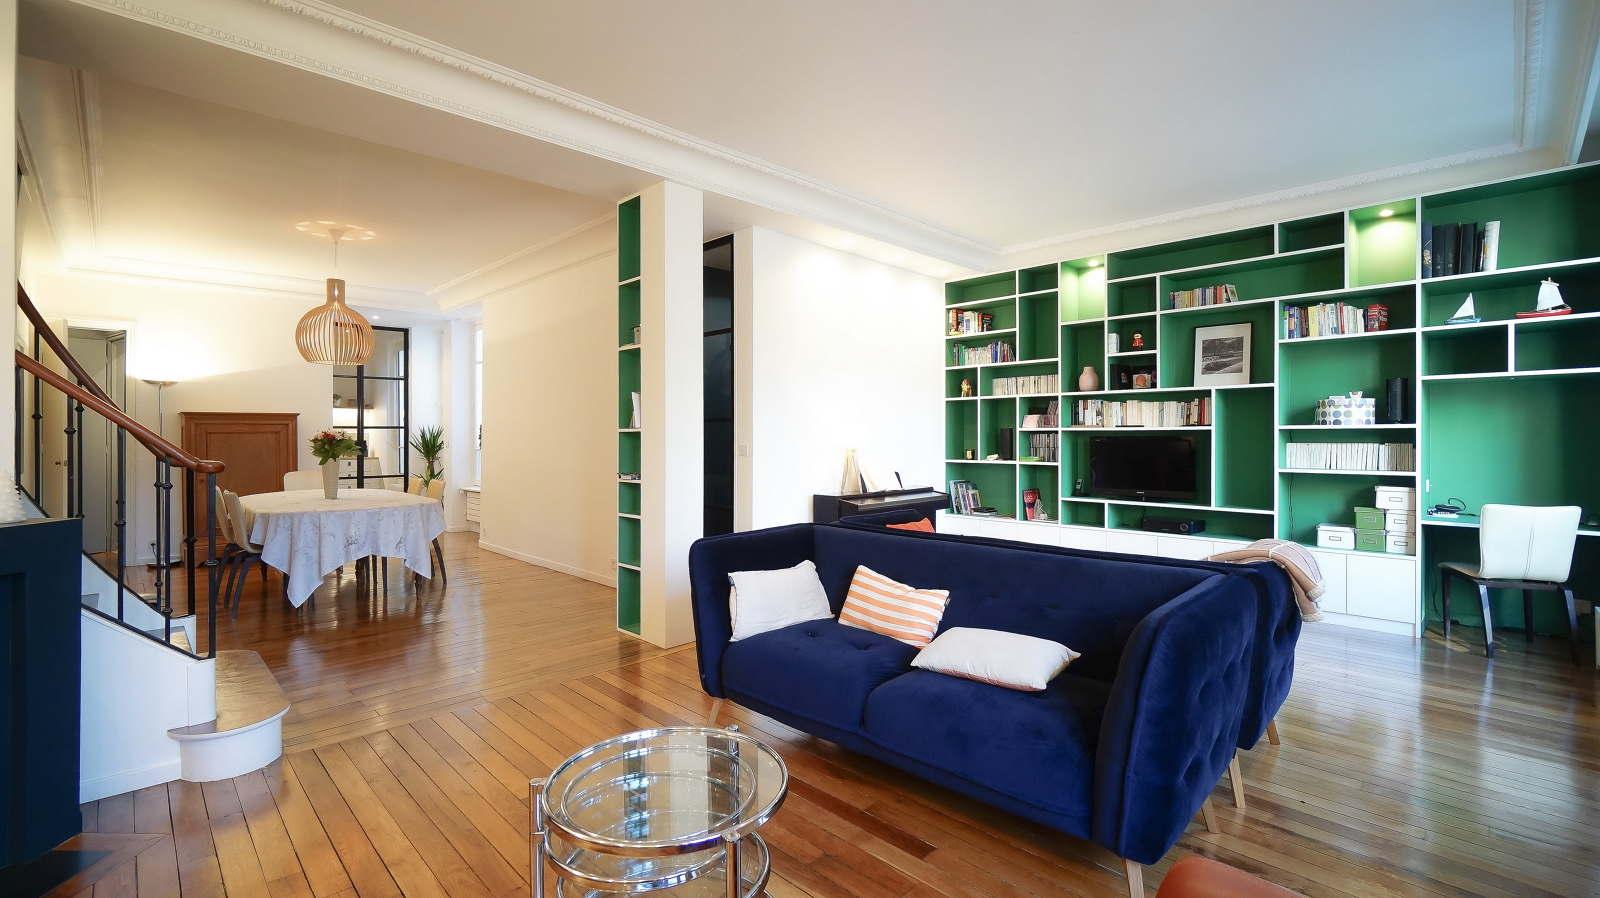 Architecte Interieur Paris 18 vert le bleu - architecte paris 18ème - bardin architecte